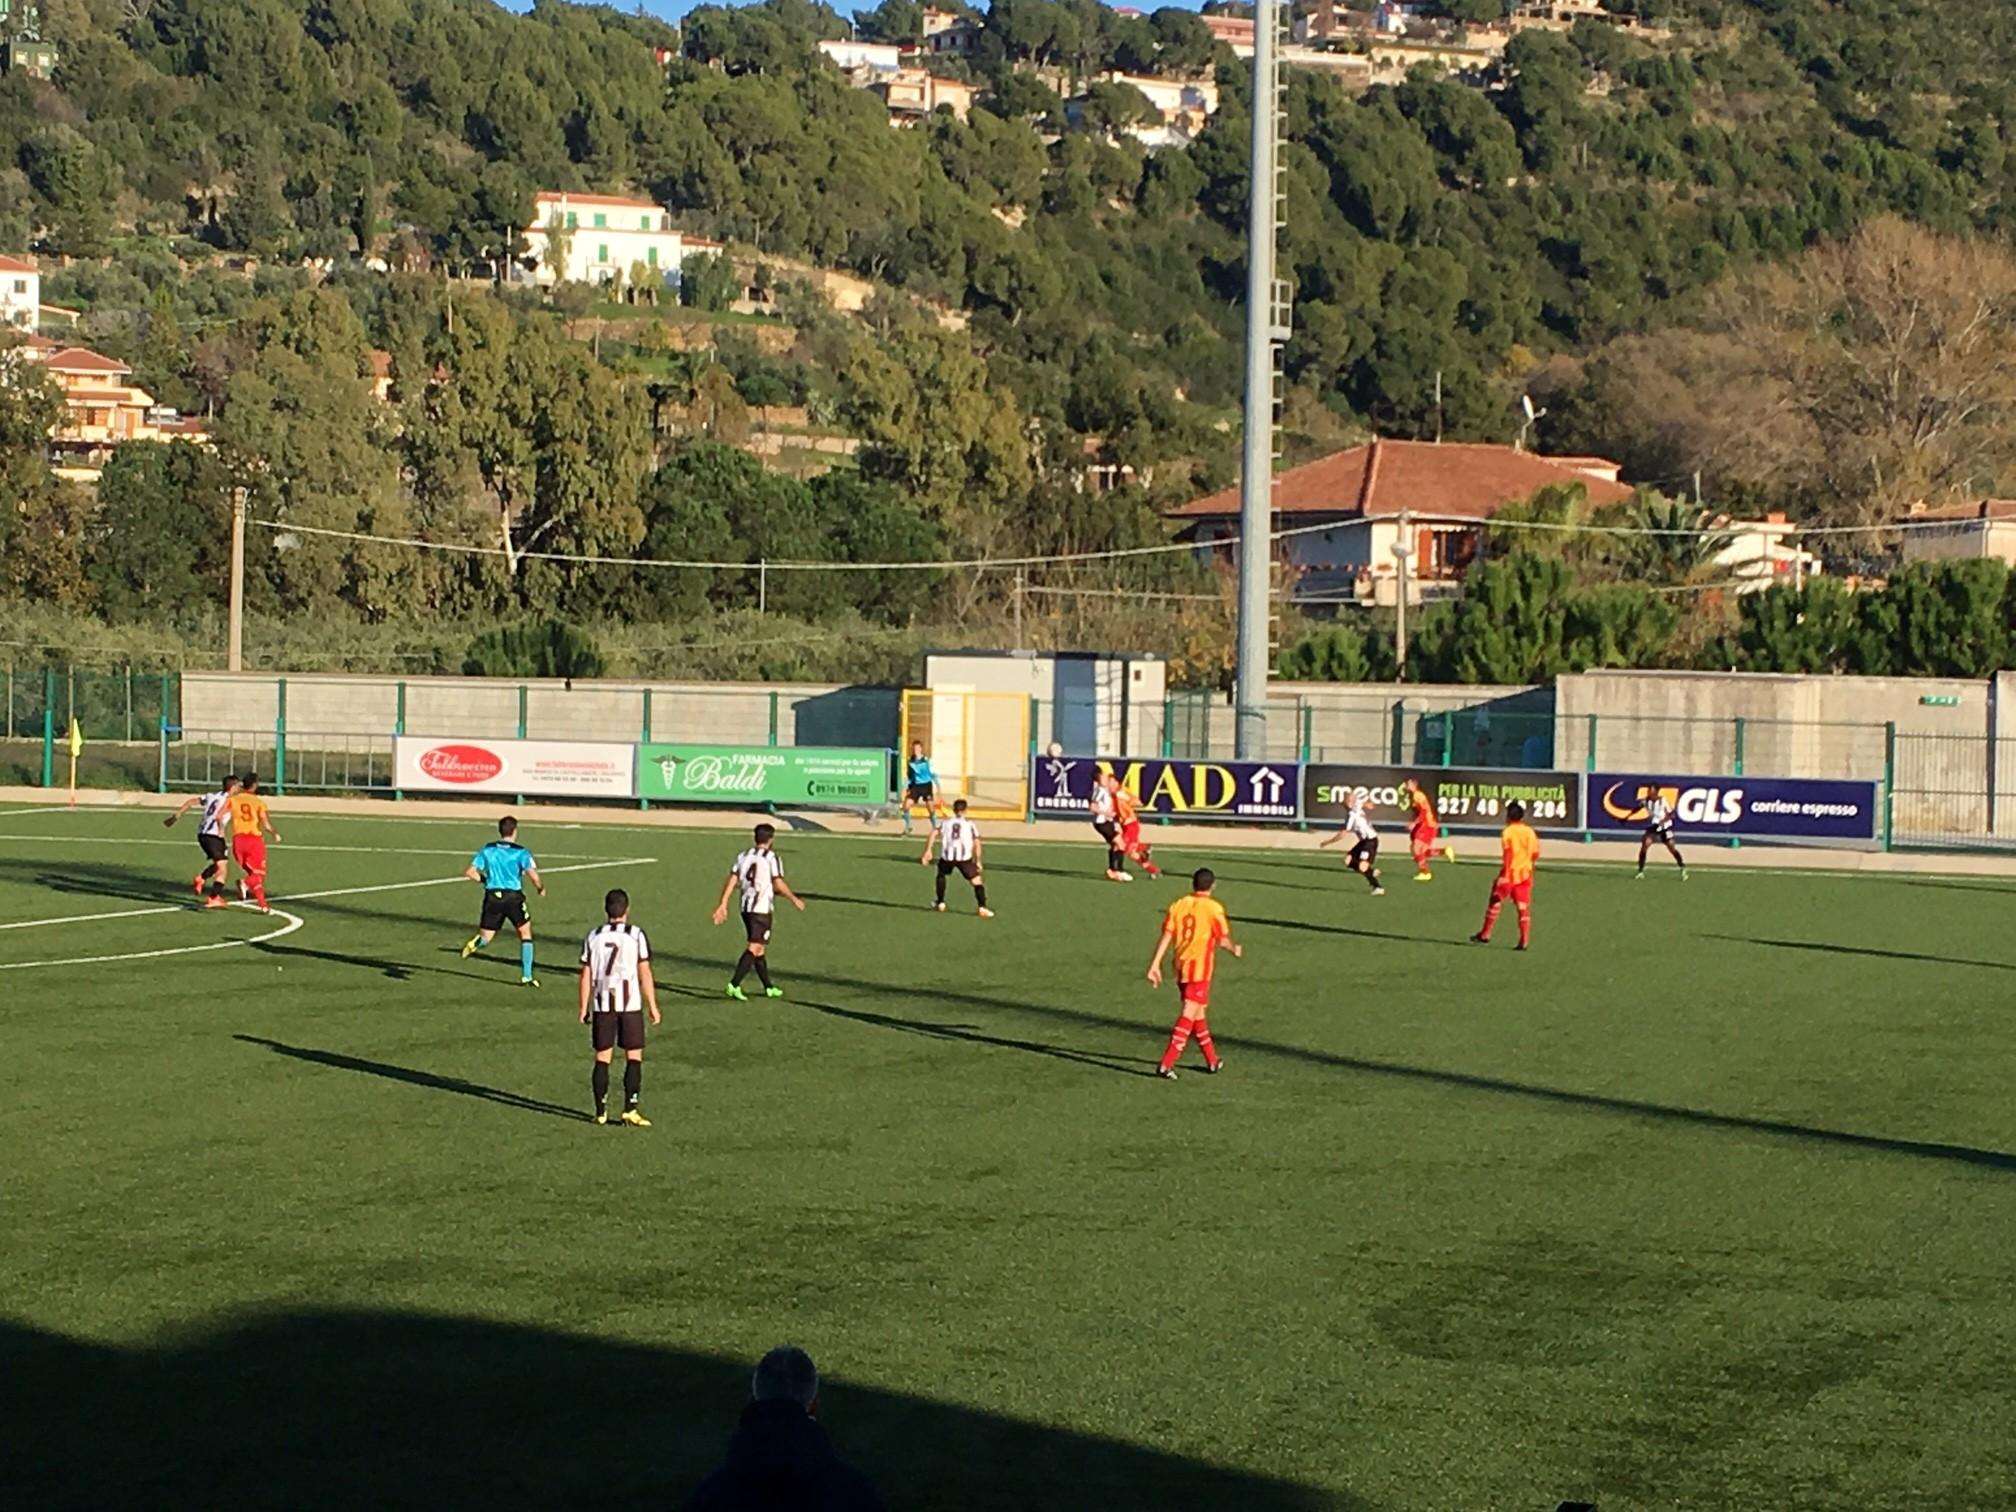 Calcio, Eccellenza: Santa Maria batte Battipagliese. Valdiano corsaro